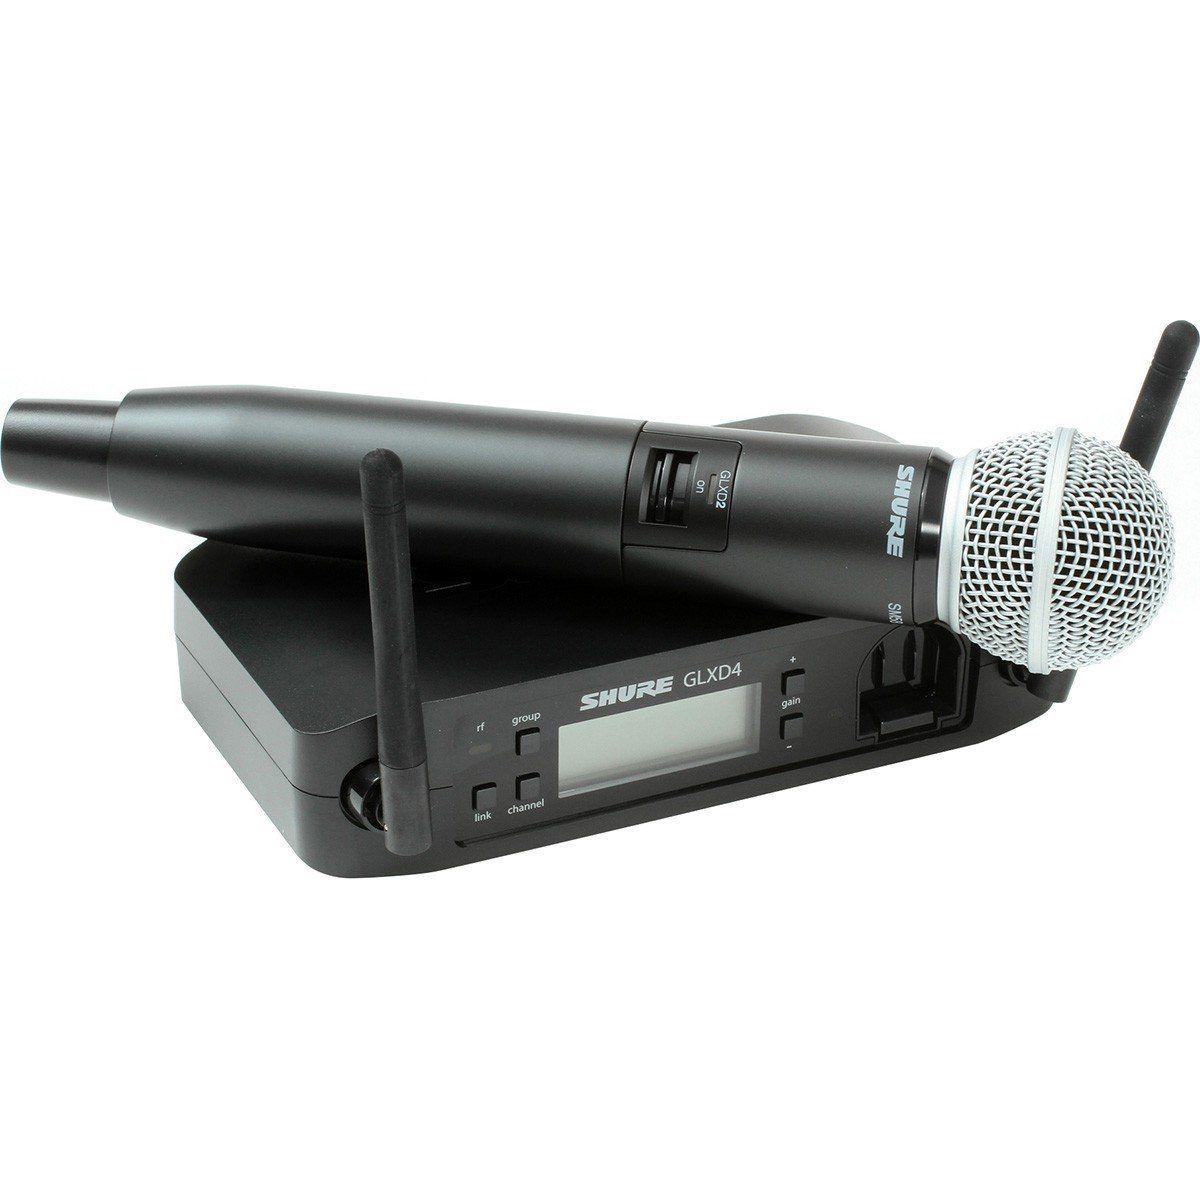 Shure GLXD24/SM58 Microfone Shure GLXD24 SM58 Sistema sem Fio para Vocais e Palcos